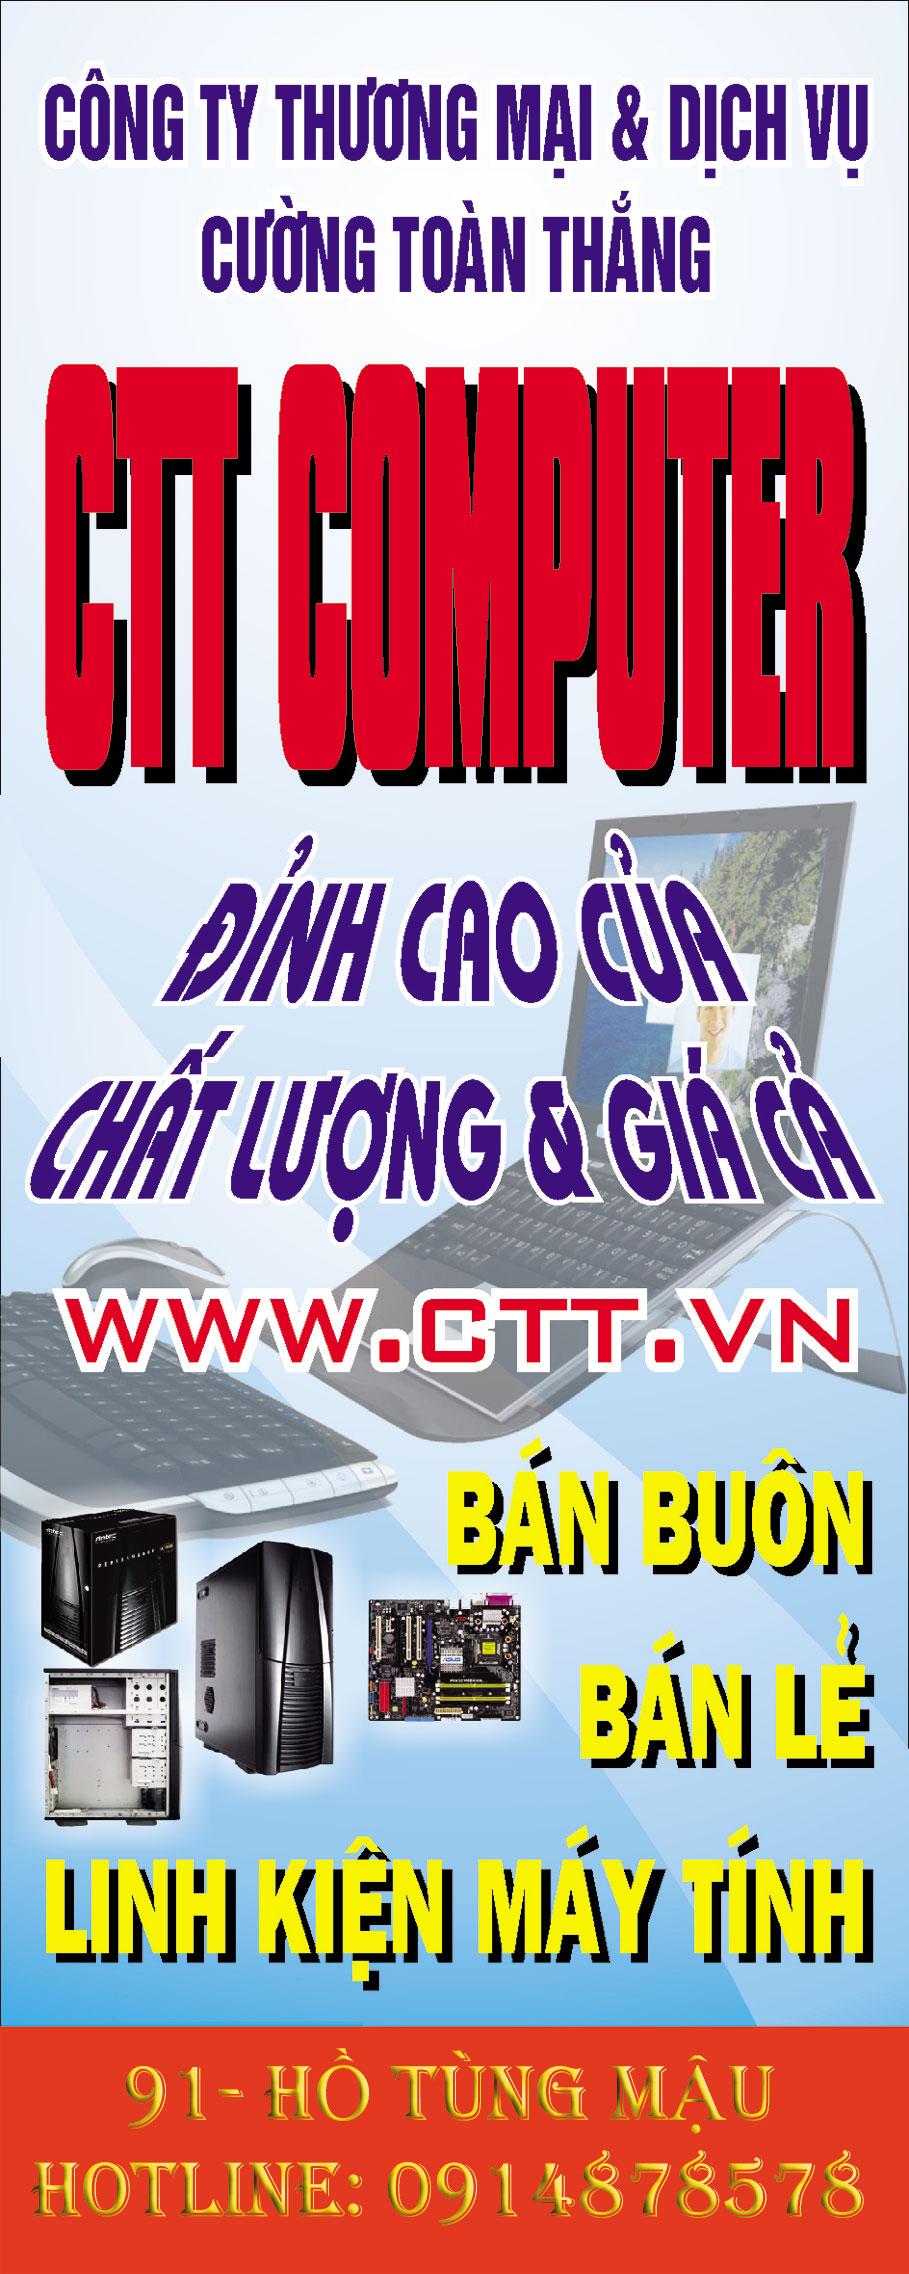 1447294070_maket-bien-chinh-ctt1-computer.jpg